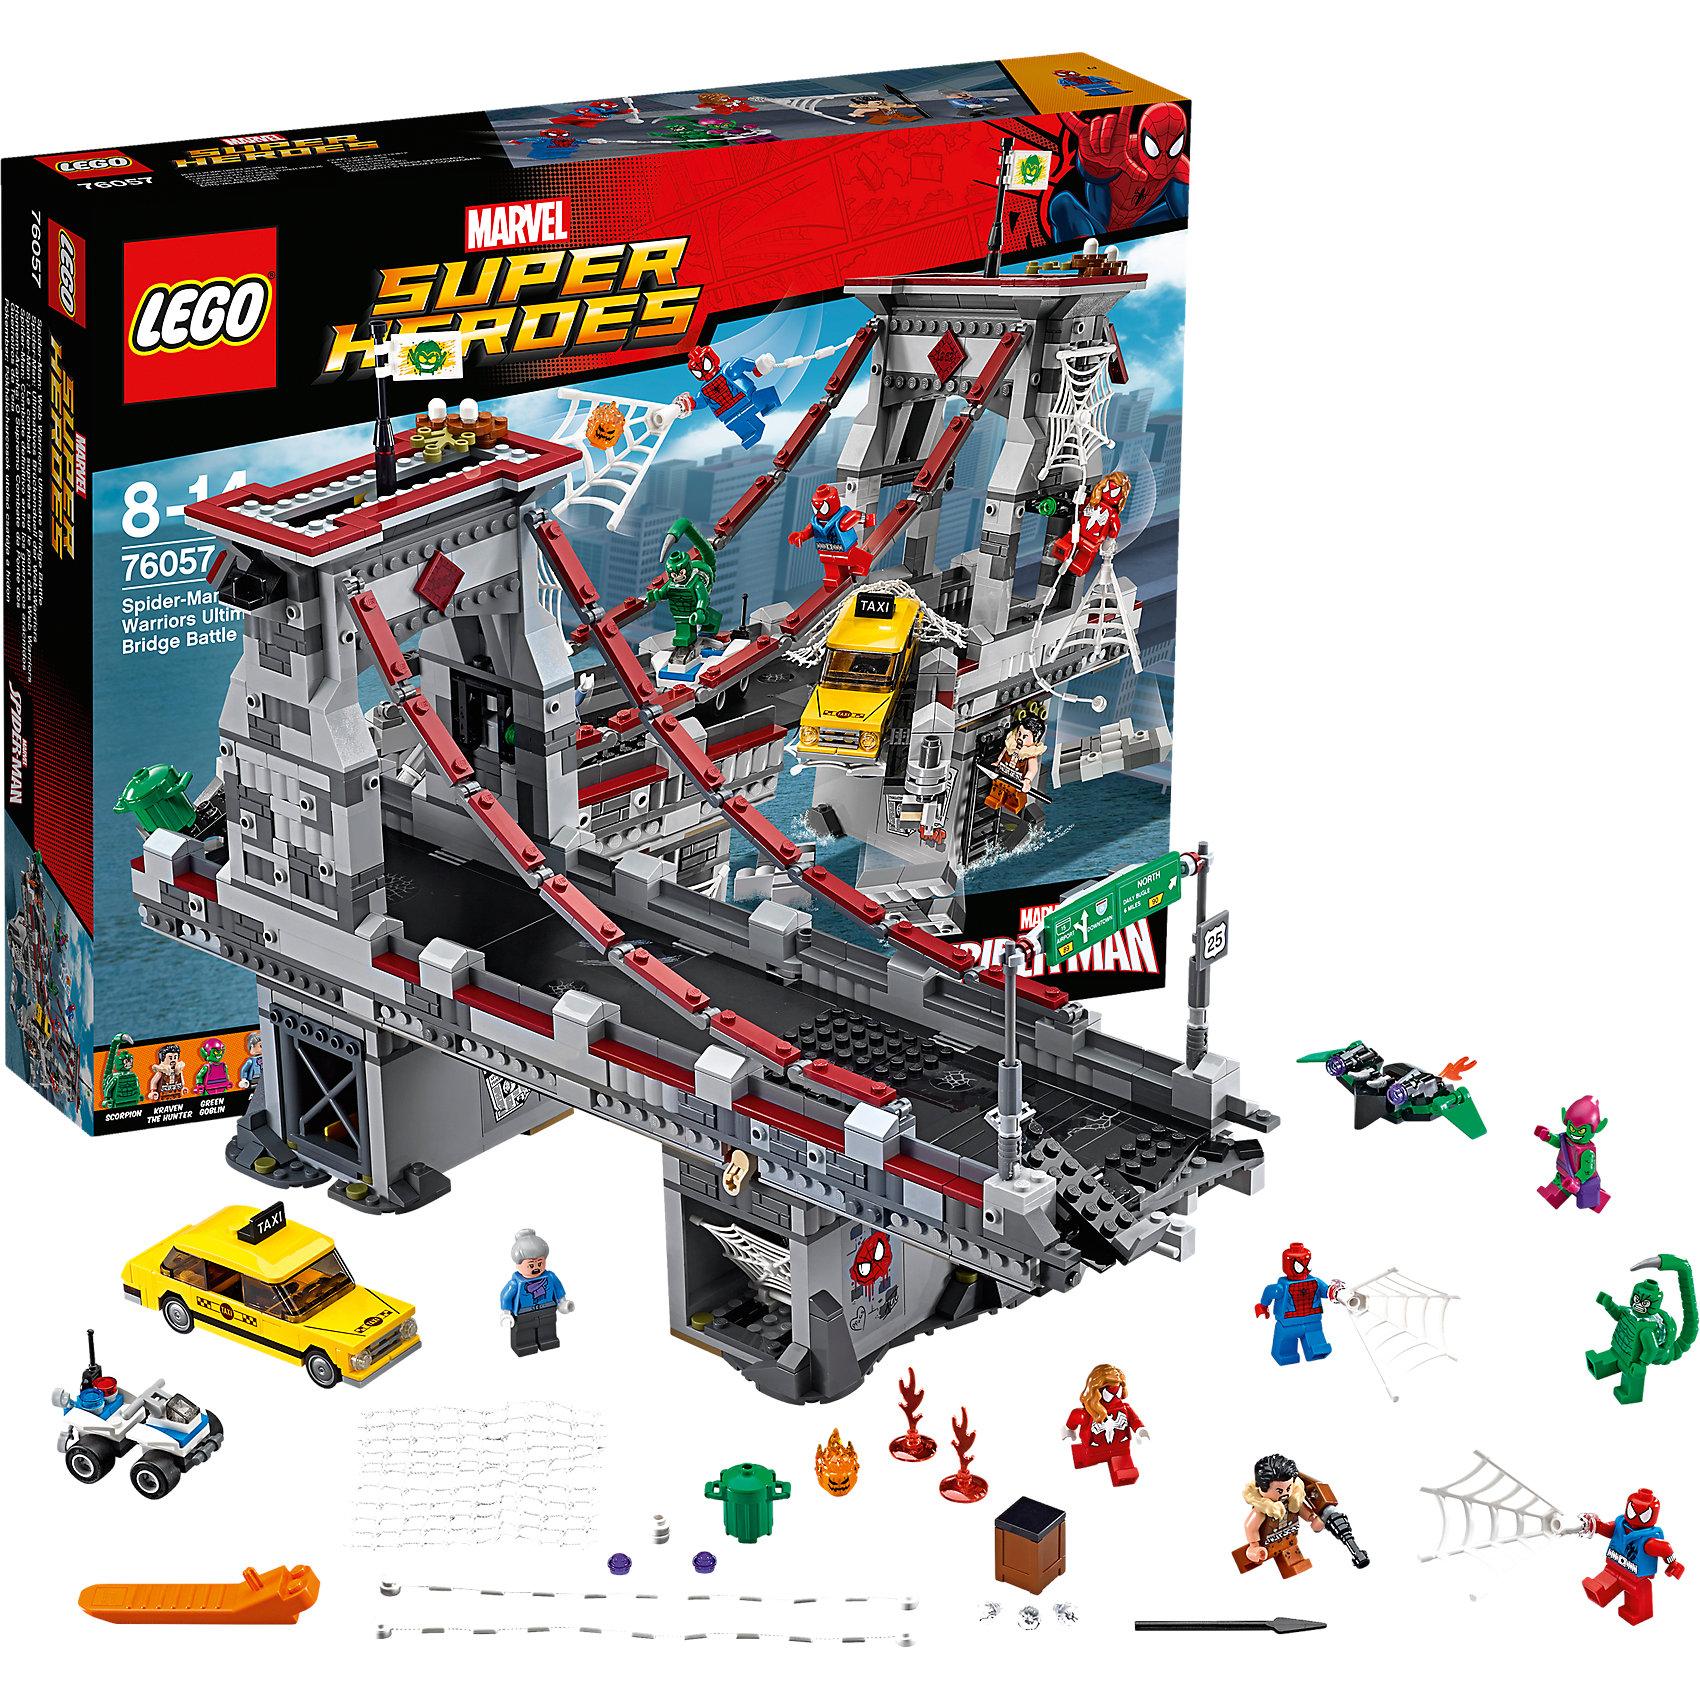 LEGO Super Heroes 76057: Человек-паук: последний бой воинов паутиныПластмассовые конструкторы<br>Человека-Паука обожает множество современных мальчишек, поэтому набор Лего, из которого можно собрать разные сюжеты  про его подвиги, обязательно порадует ребенка. Такие игрушки помогают детям развивать воображение, мелкую моторику, логику и творческое мышление.<br>Набор состоит из множества деталей, с помощью которых можно  собрать декорации для супергероя, а также в нем есть фигурки любимых персонажей и злодеев! С таким комплектом можно придумать множество игр!<br><br>Дополнительная информация:<br><br>цвет: разноцветный;<br>материал: пластик;<br>количество деталей: 1092.<br><br>Набор Человек-паук: последний бой воинов паутины от бренда LEGO Super Heroes можно купить в нашем магазине.<br><br>Ширина мм: 482<br>Глубина мм: 373<br>Высота мм: 96<br>Вес г: 1751<br>Возраст от месяцев: 96<br>Возраст до месяцев: 168<br>Пол: Мужской<br>Возраст: Детский<br>SKU: 4641197